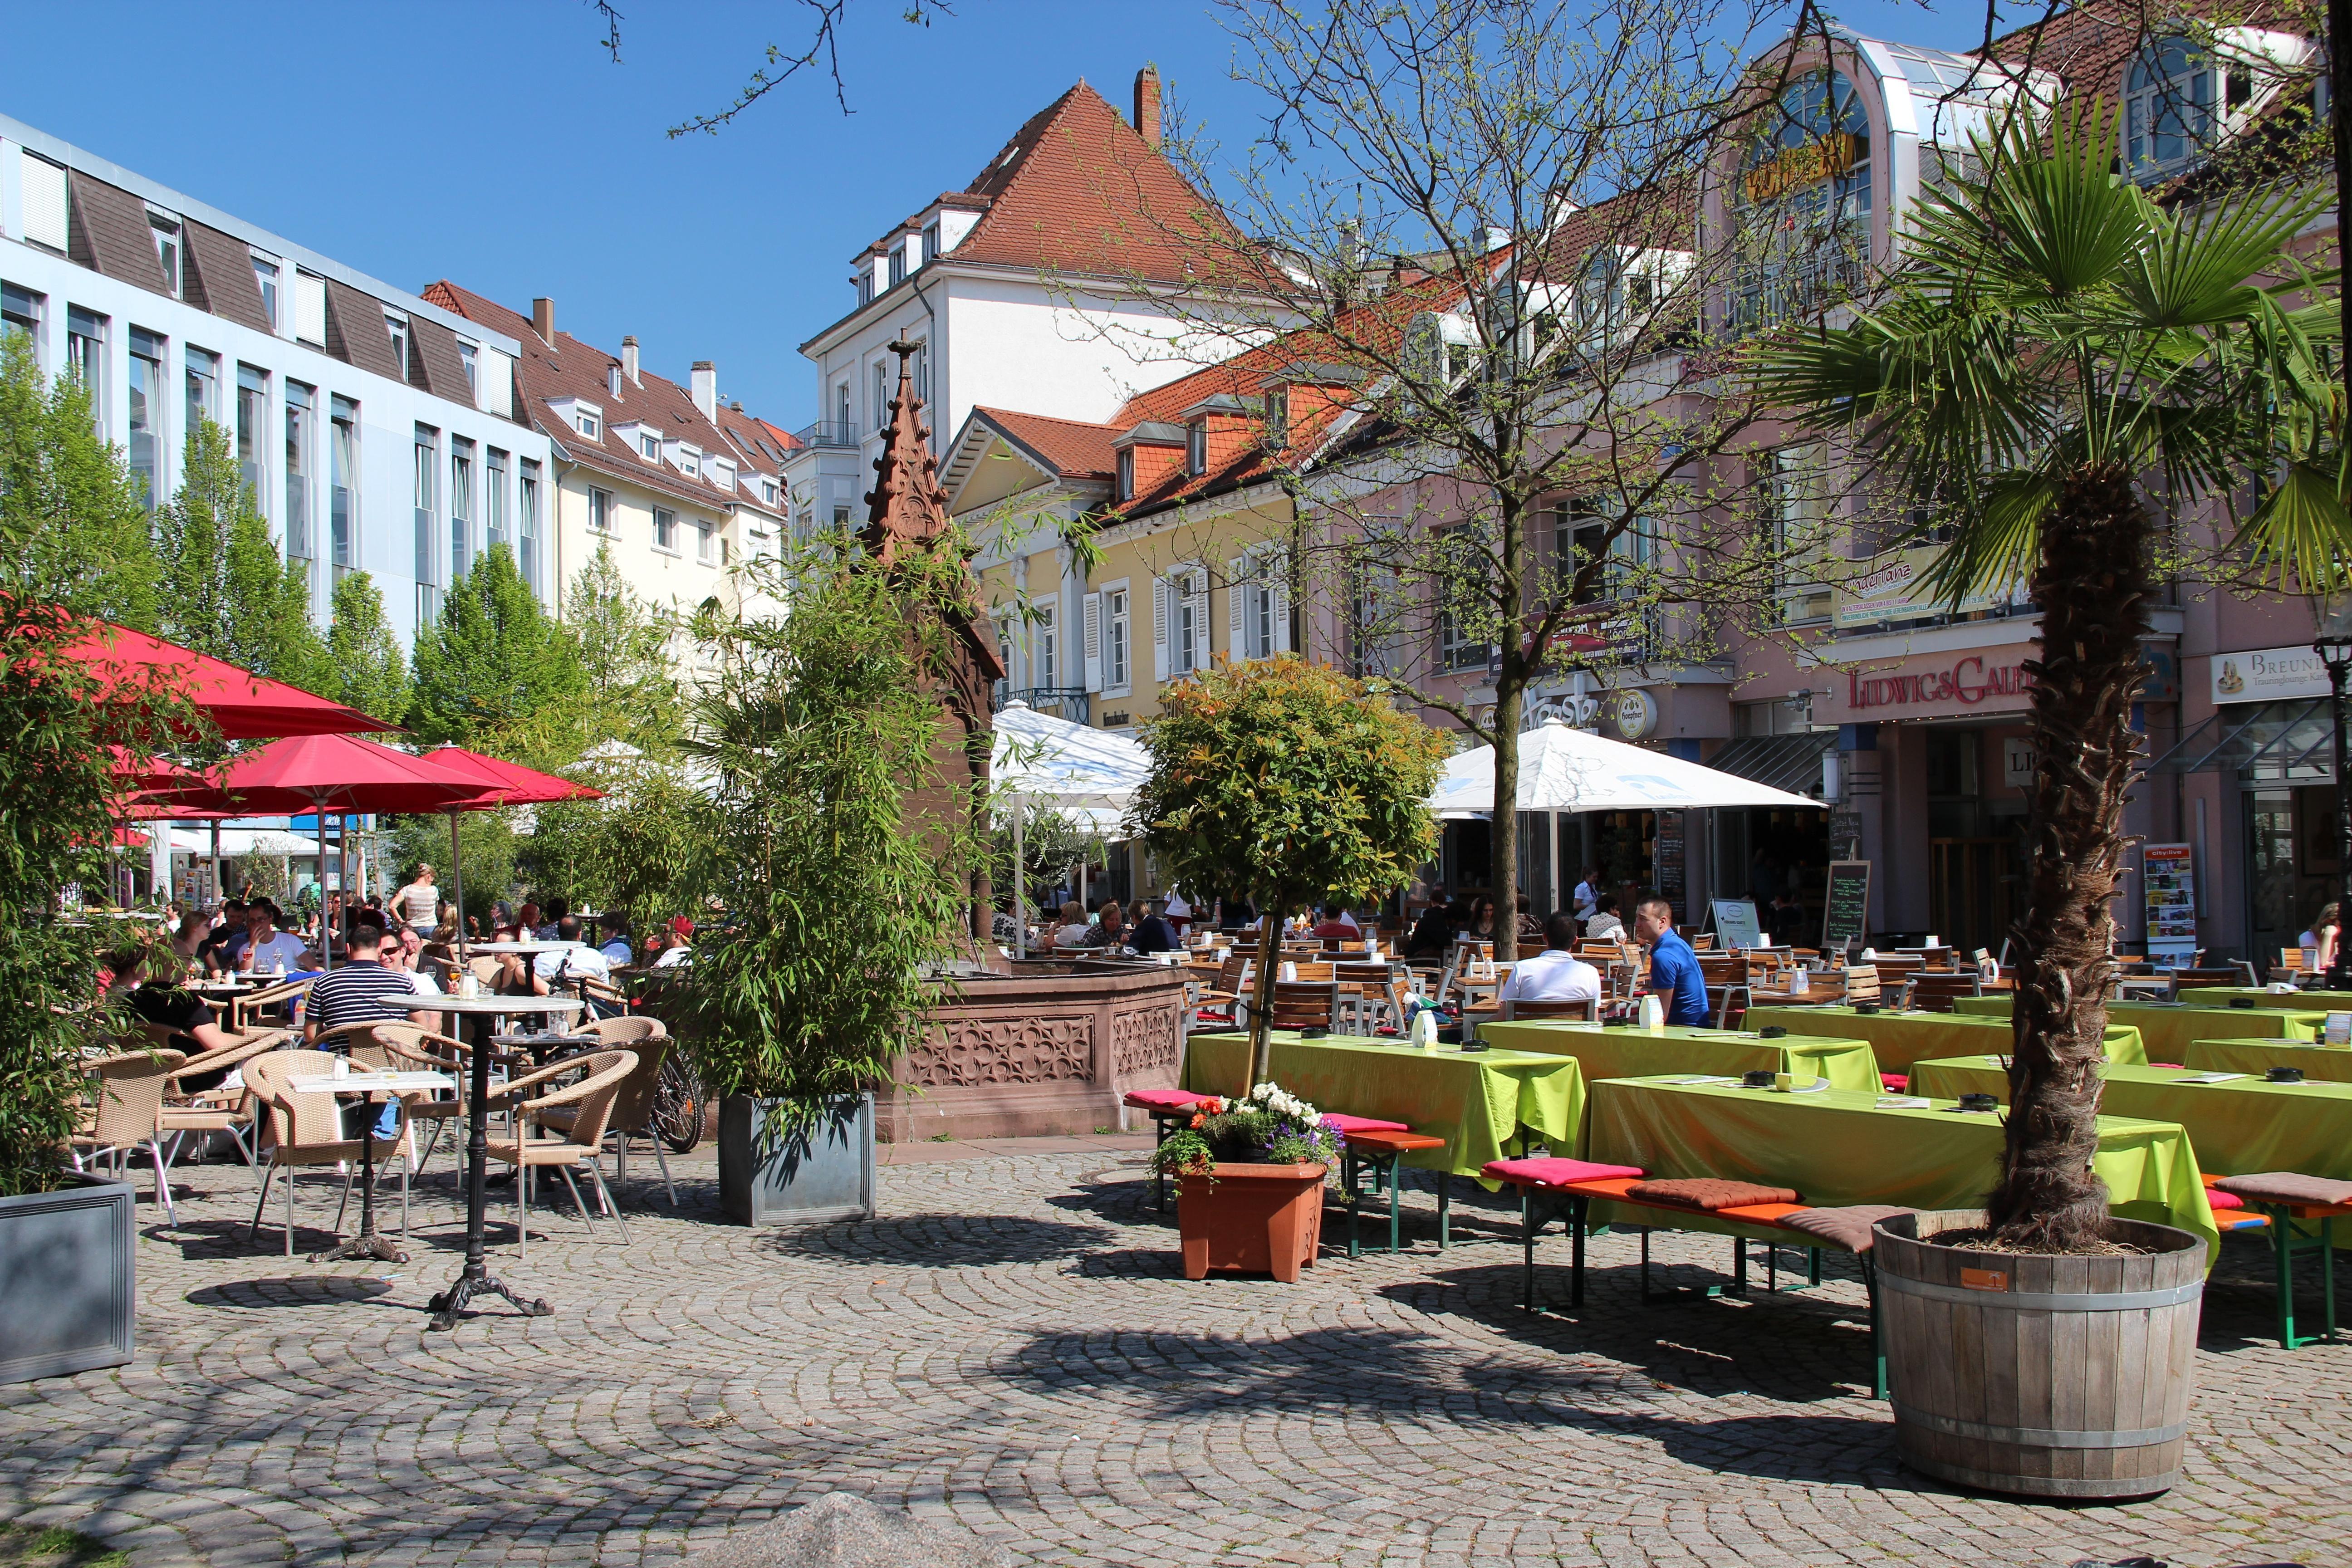 Fresh Beliebte Reiseziele Karlsruhe Unterwegs Rezepte Deutschland Heimat Deutschland Europa Getr nke